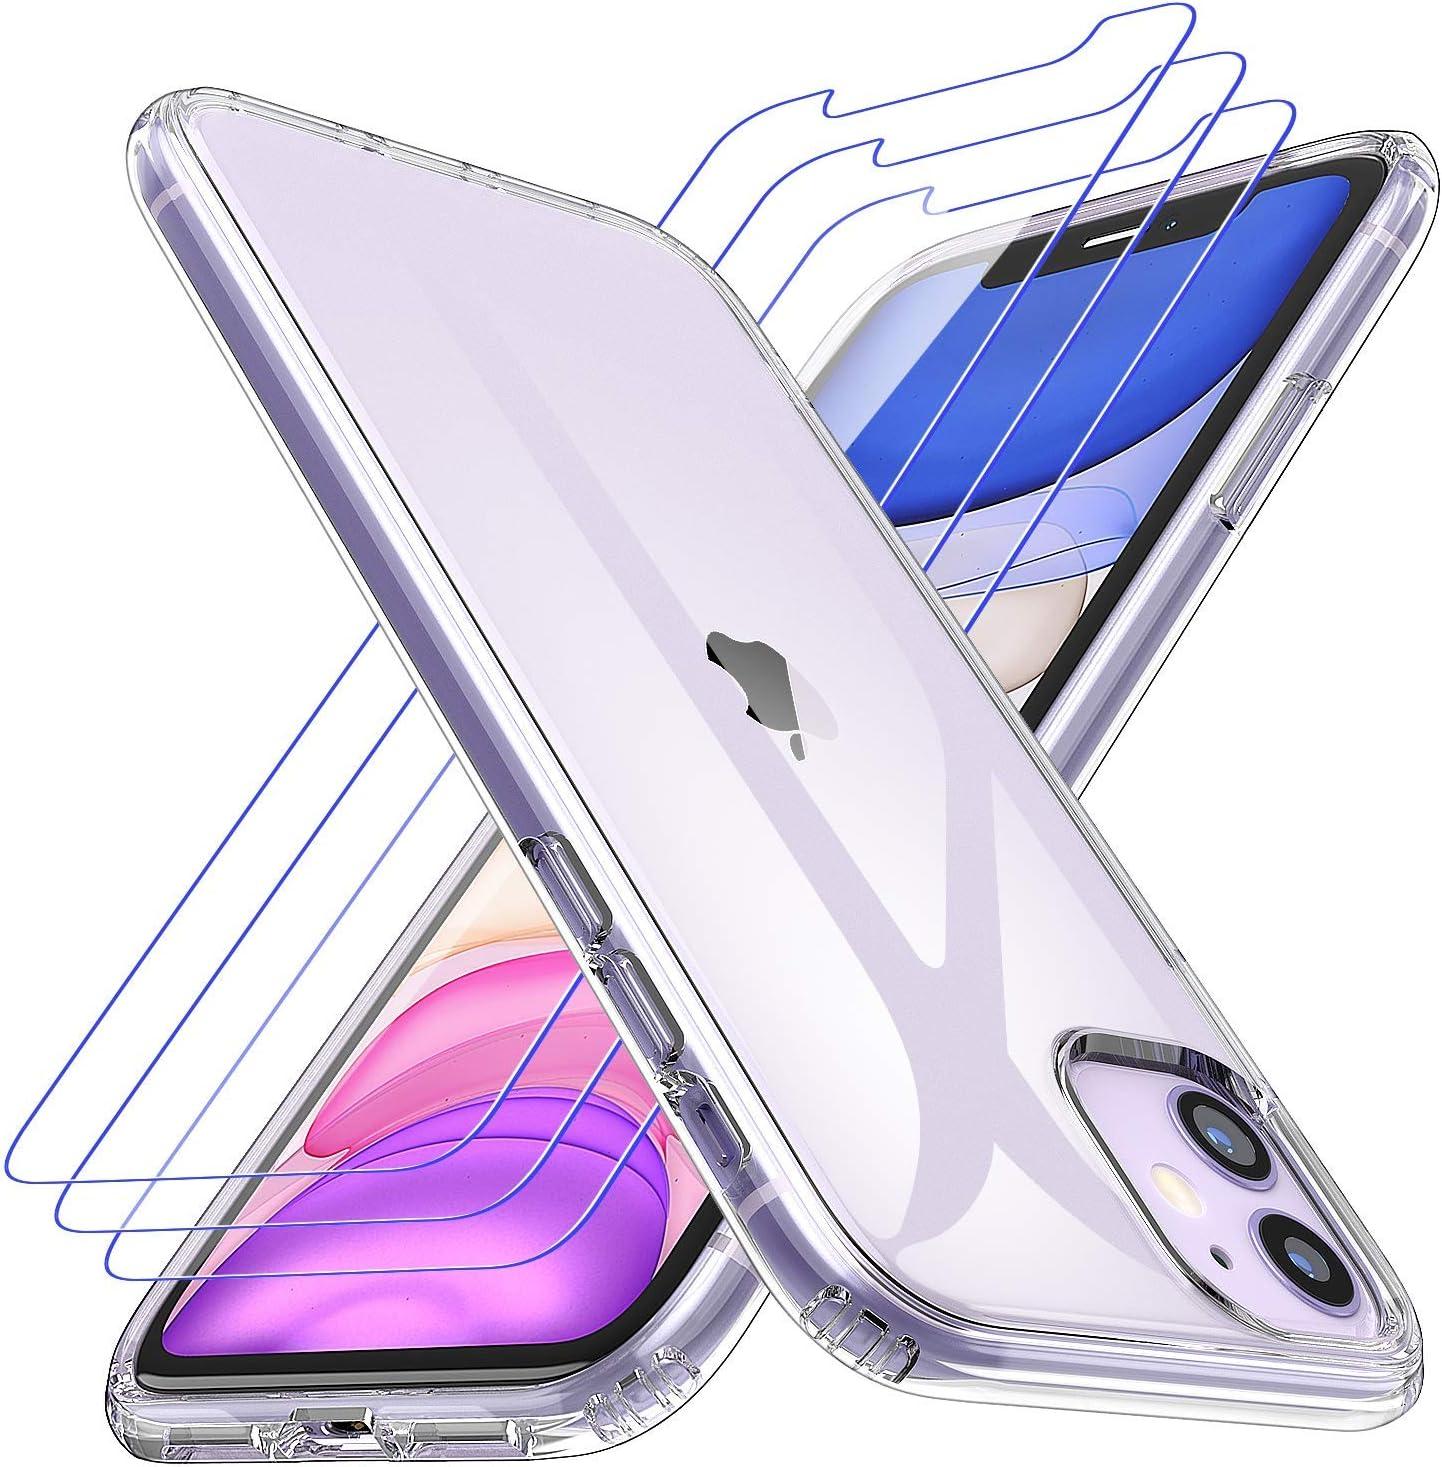 Losvick Coque pour iPhone 11, 2 Pack Verre Trempé Protection écran, Transparent Silicone TPU Etui Protection Housse Bouton Détachable Cover Anti-Choc ...